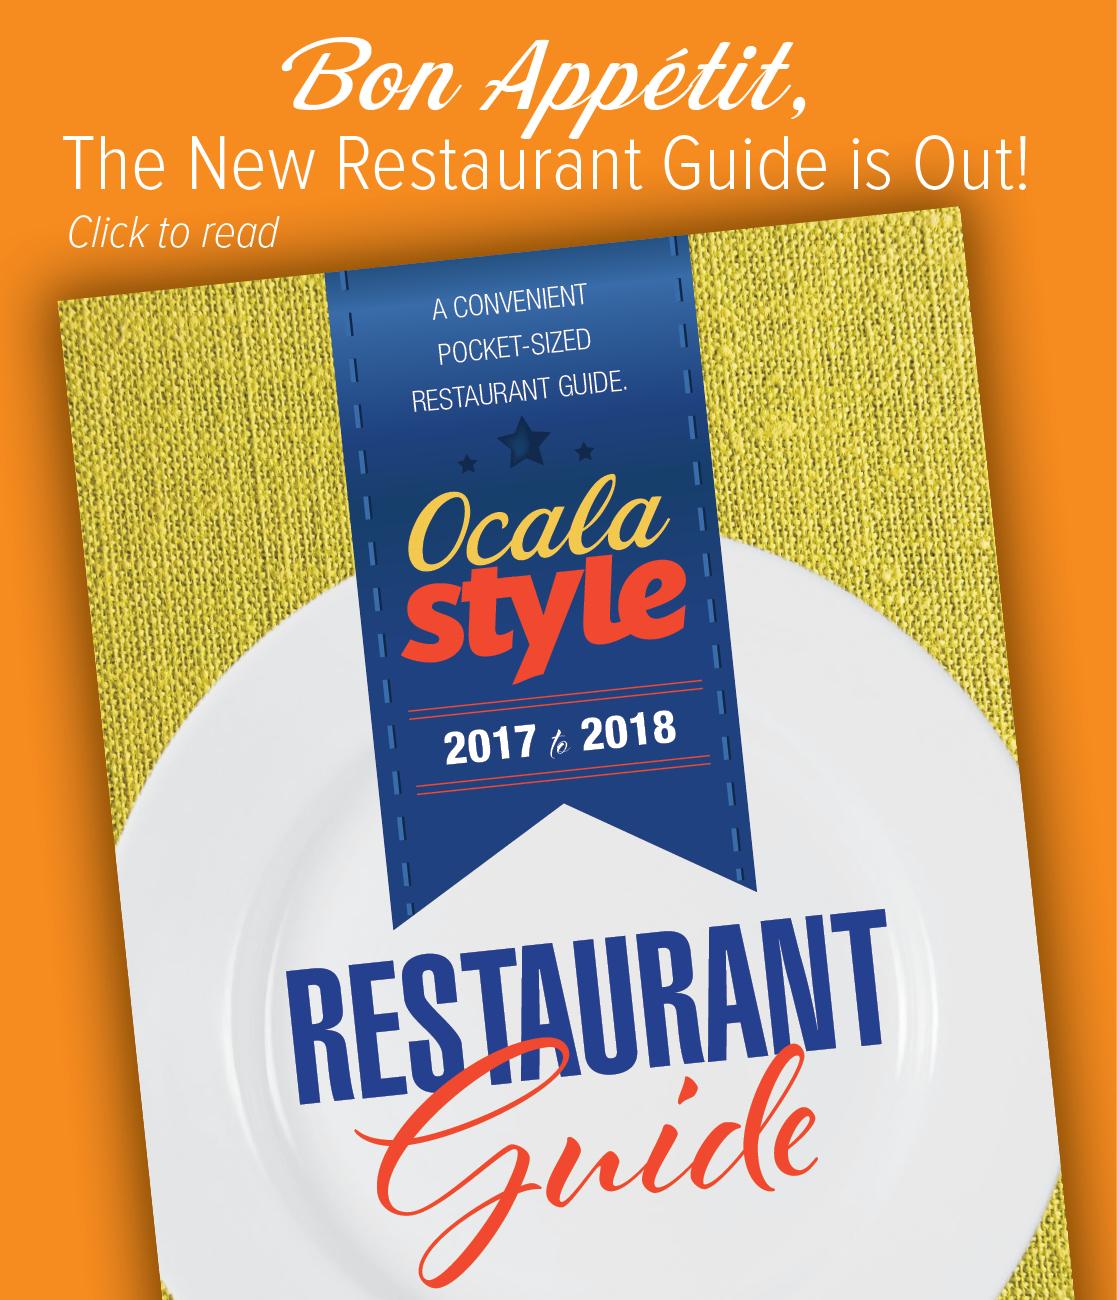 Restaurant Guide 2017-18